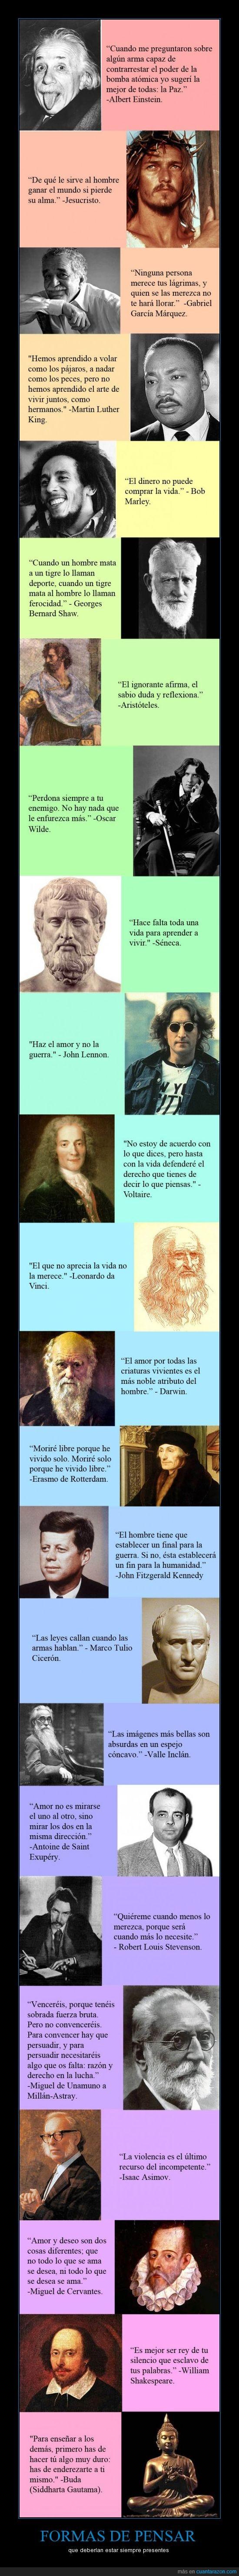 formas de pensar,Frases célebres,grandes personajes de la historia,inundar la mente humana